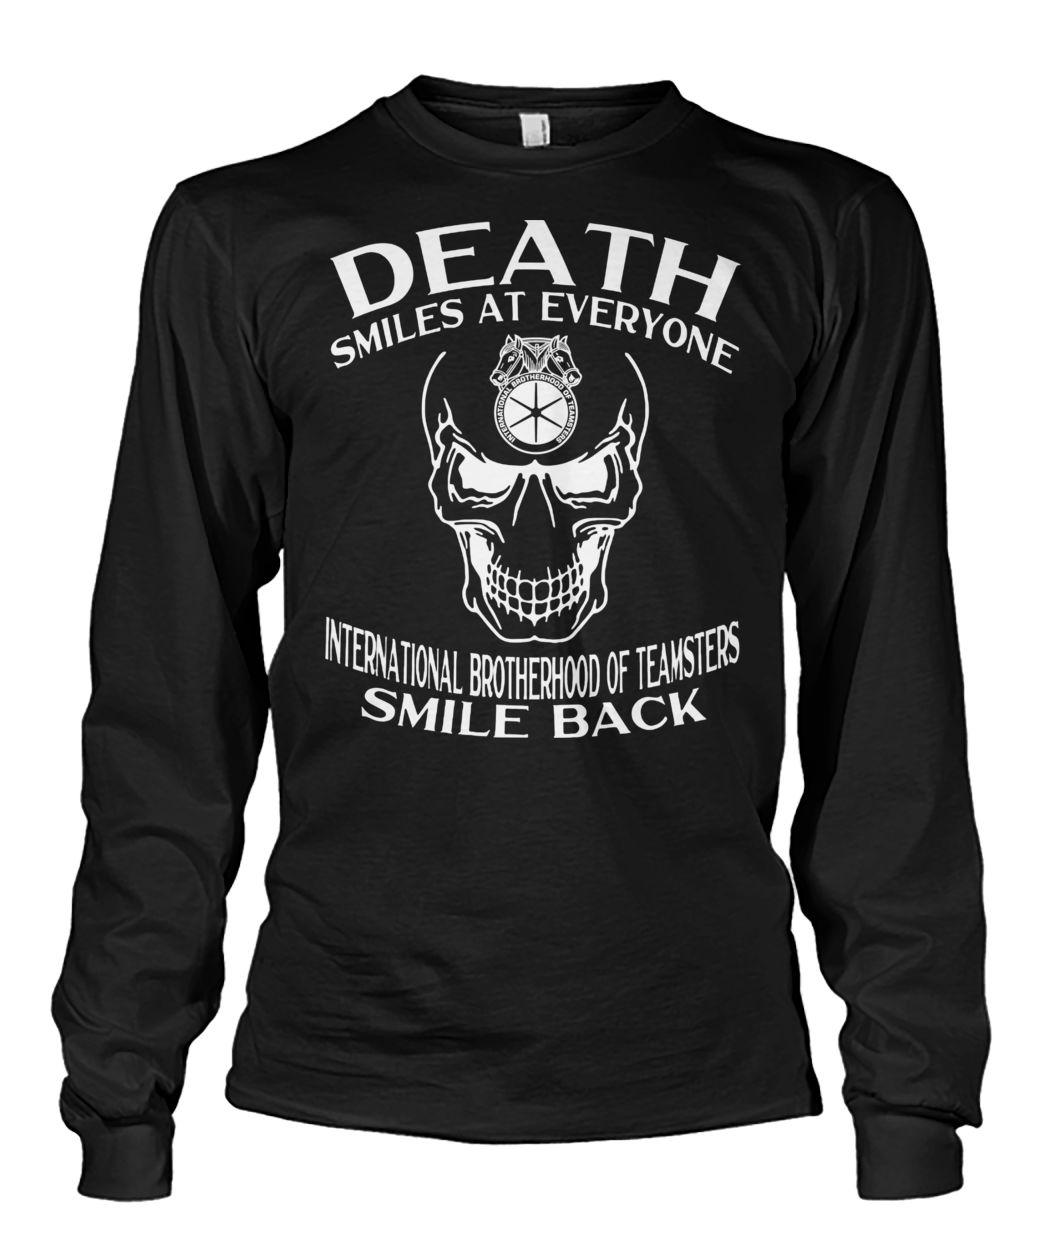 Skull death smiles at everyone international brotherhood of teamsters smile back long sleeved